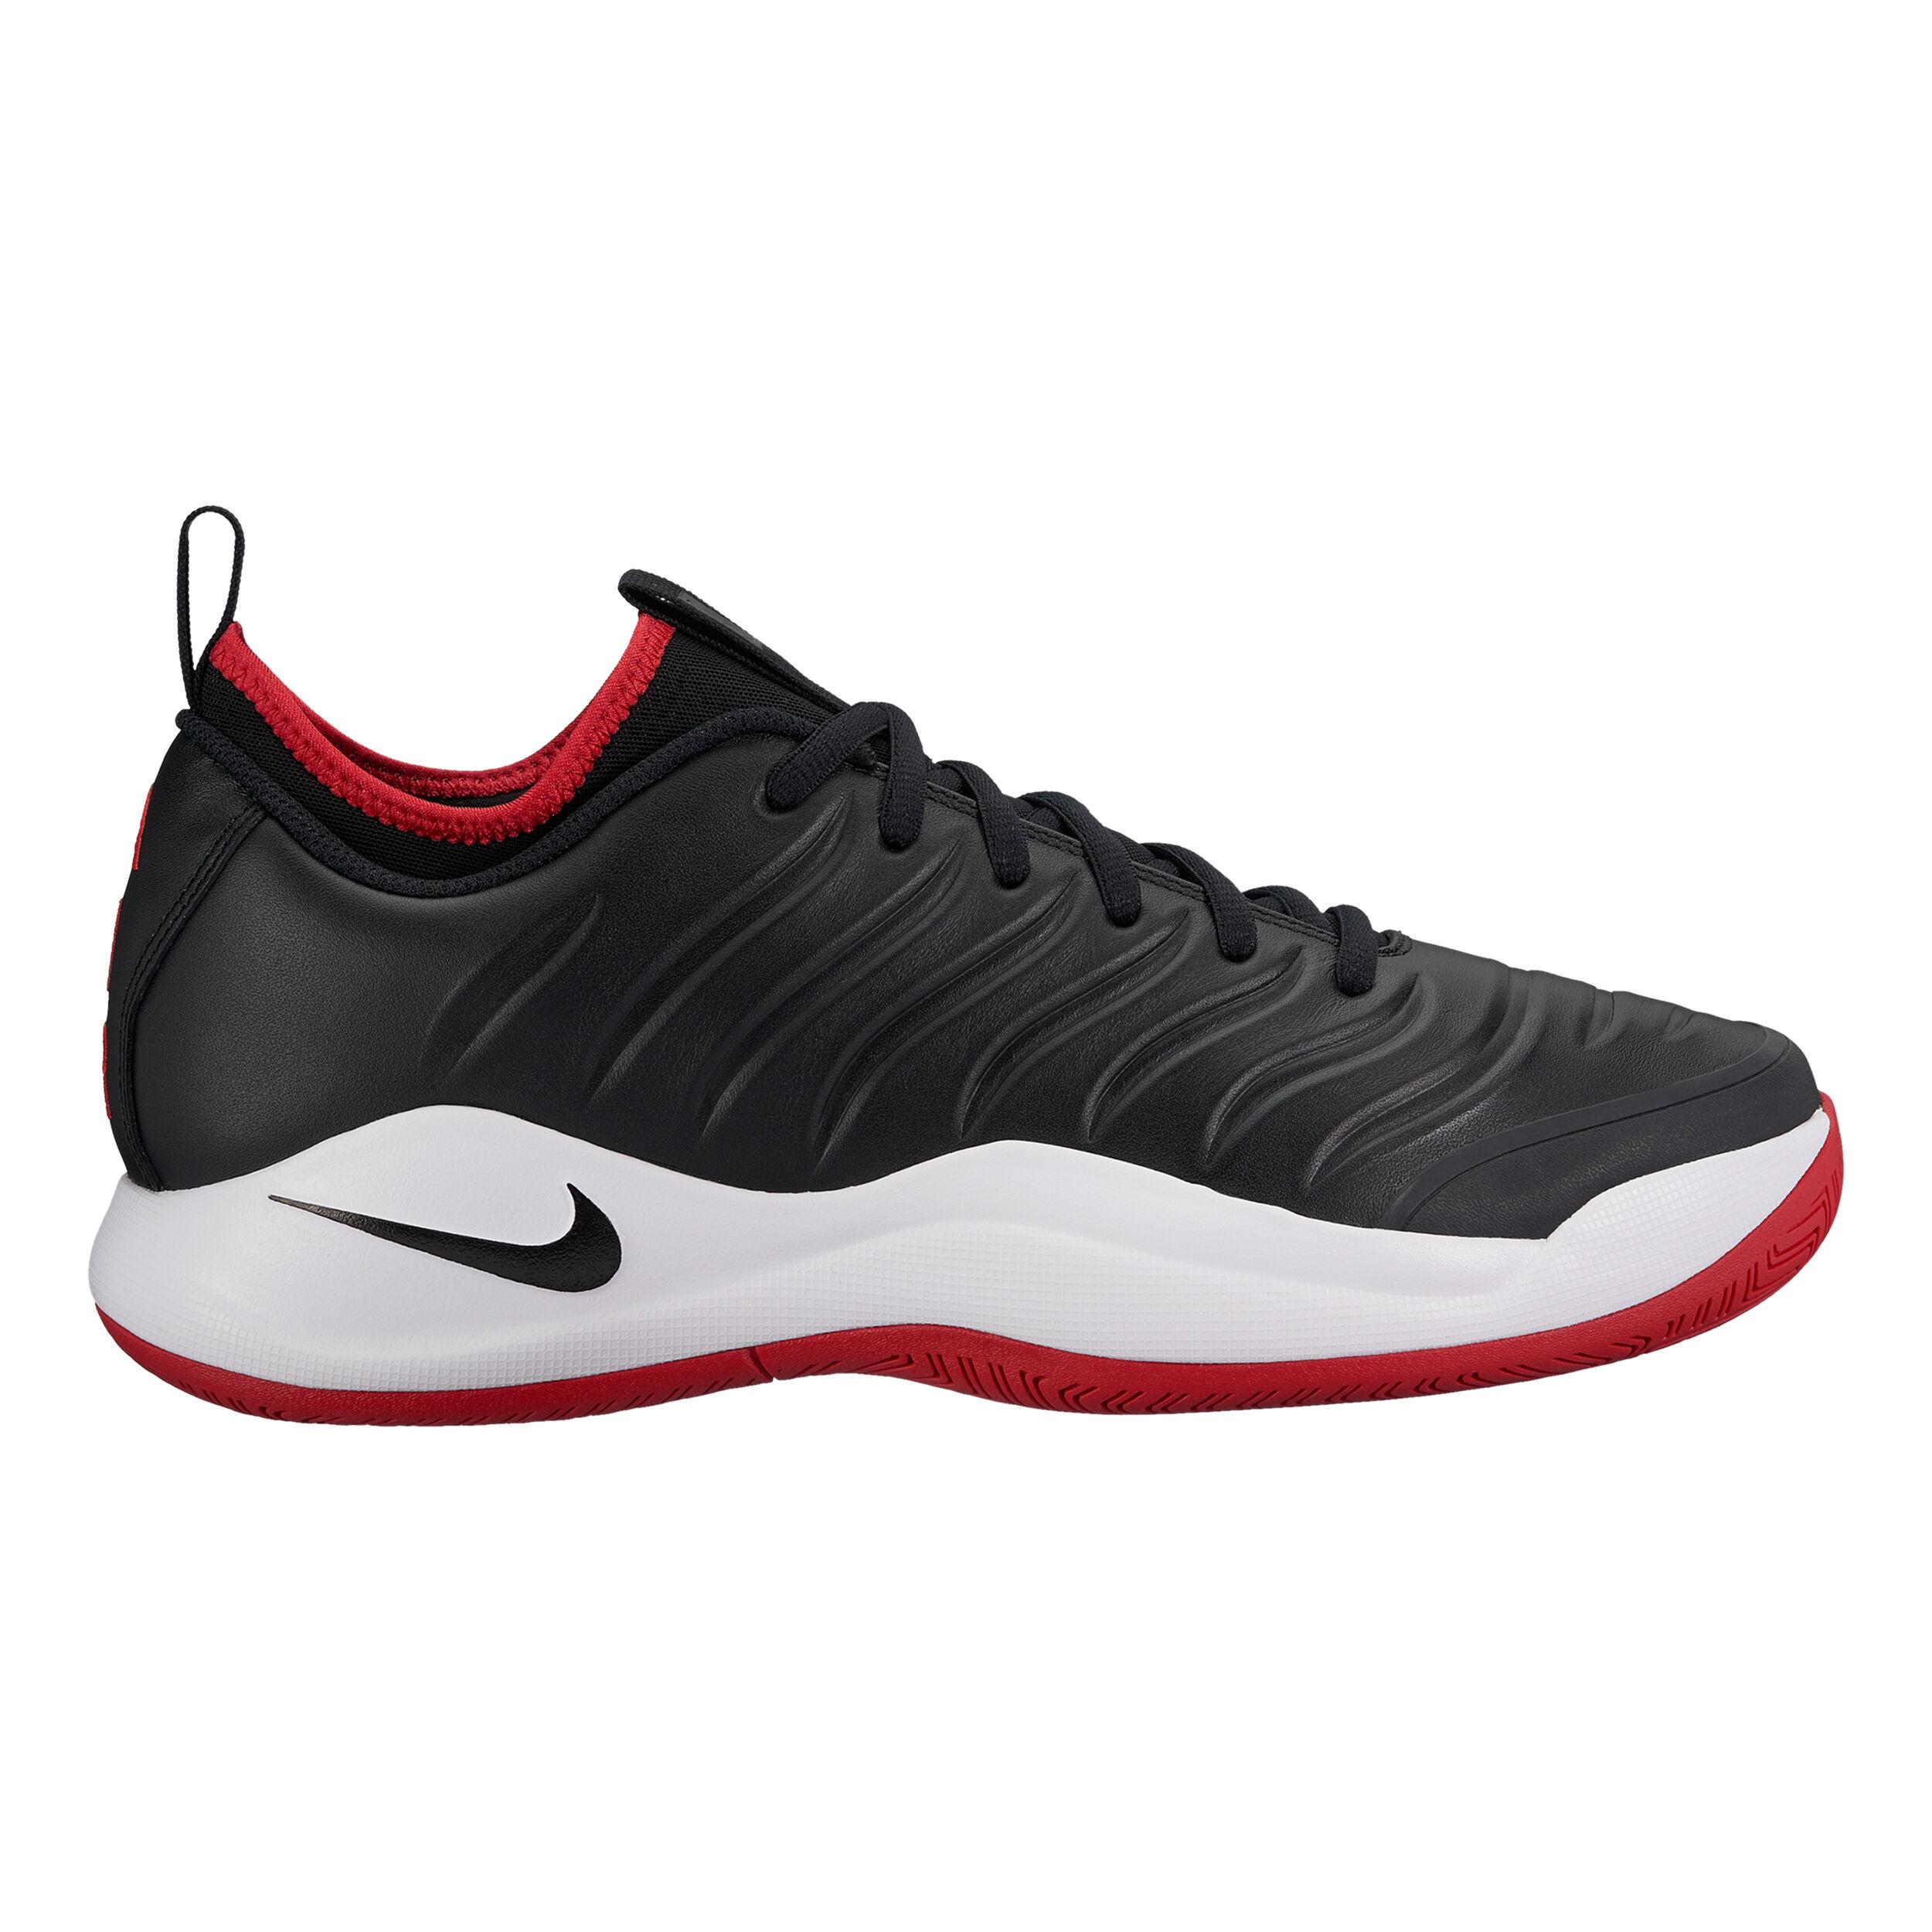 Nike Air Zoom Oscillate Allcourt sko Herrer Sort, Hvid